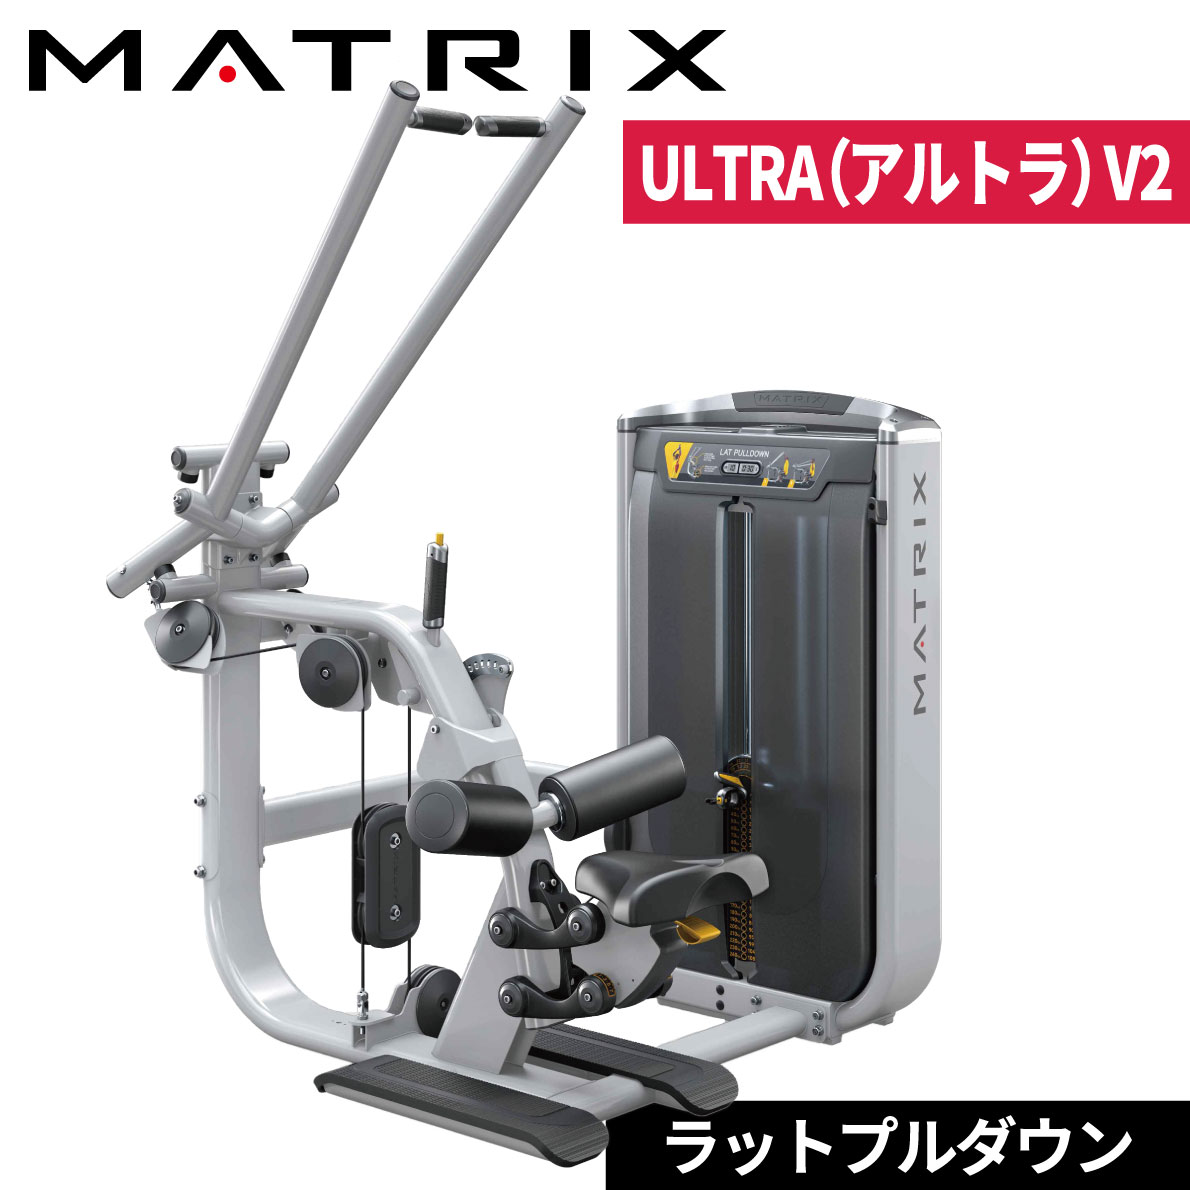 ストレングスマシン ウエイトマシン ラットプルダウン トレーニングマシン 業務用 ULTRAシリーズ G7-S33-V2 ジョンソン ジョンソンヘルステック ウエイトトレーニング 業務用MATRIX 業務用フィットネスマシン